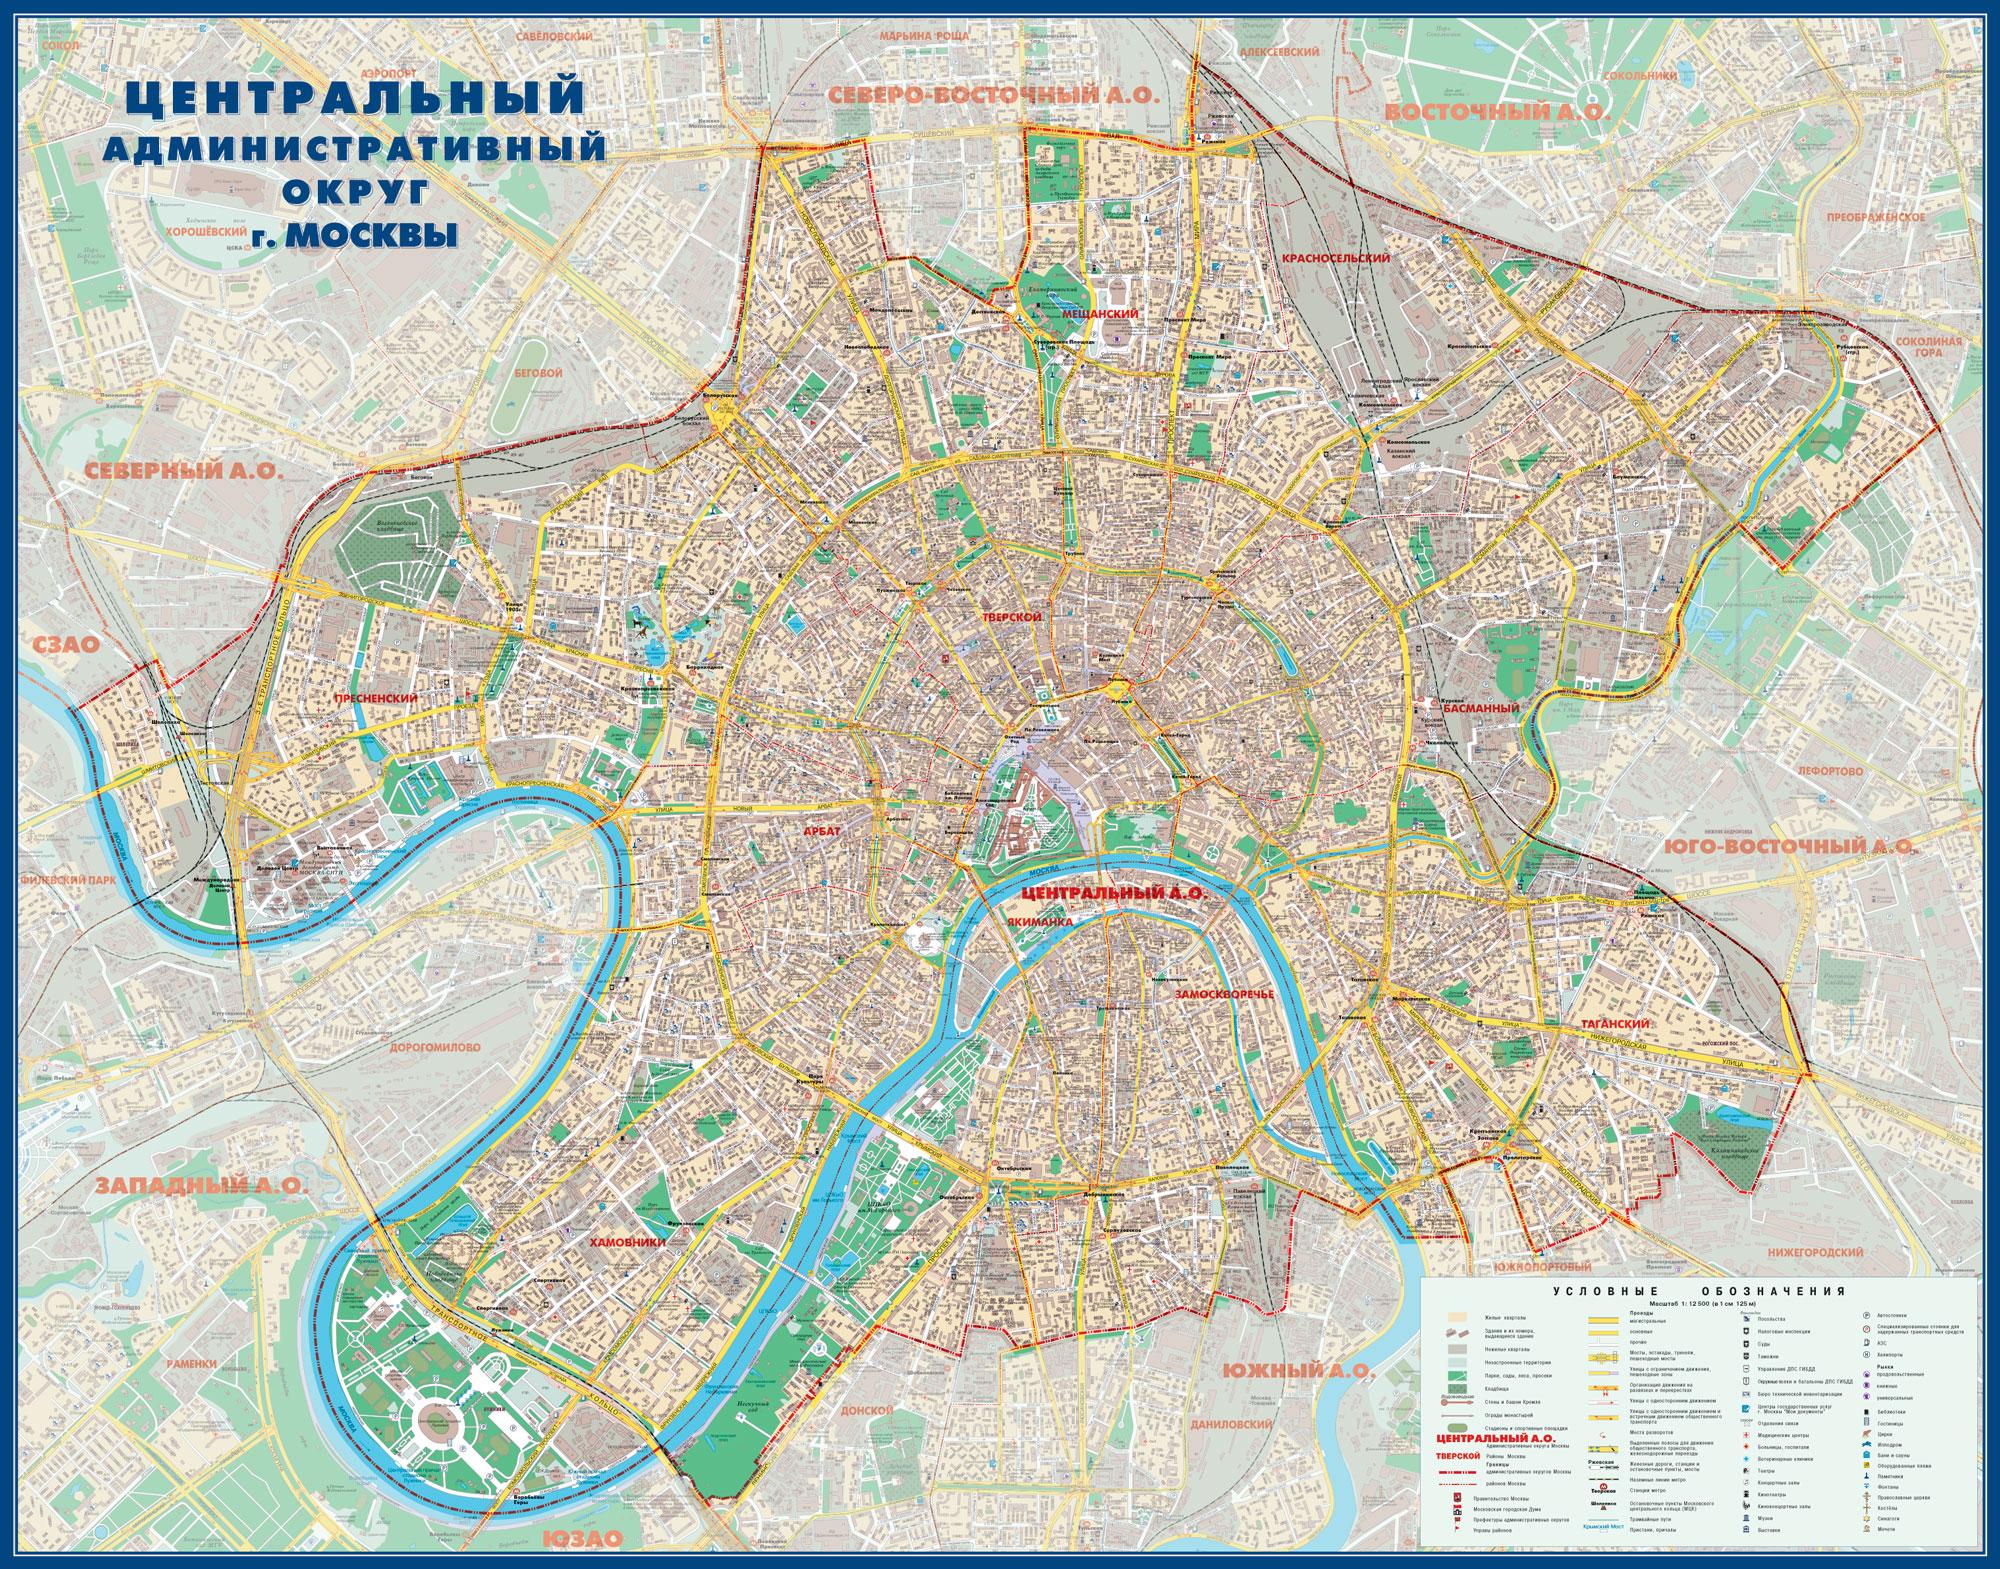 Настенная карта ЦАО Москвы 1,50 х 1,18 м. ламинированная. Выполняется на заказ